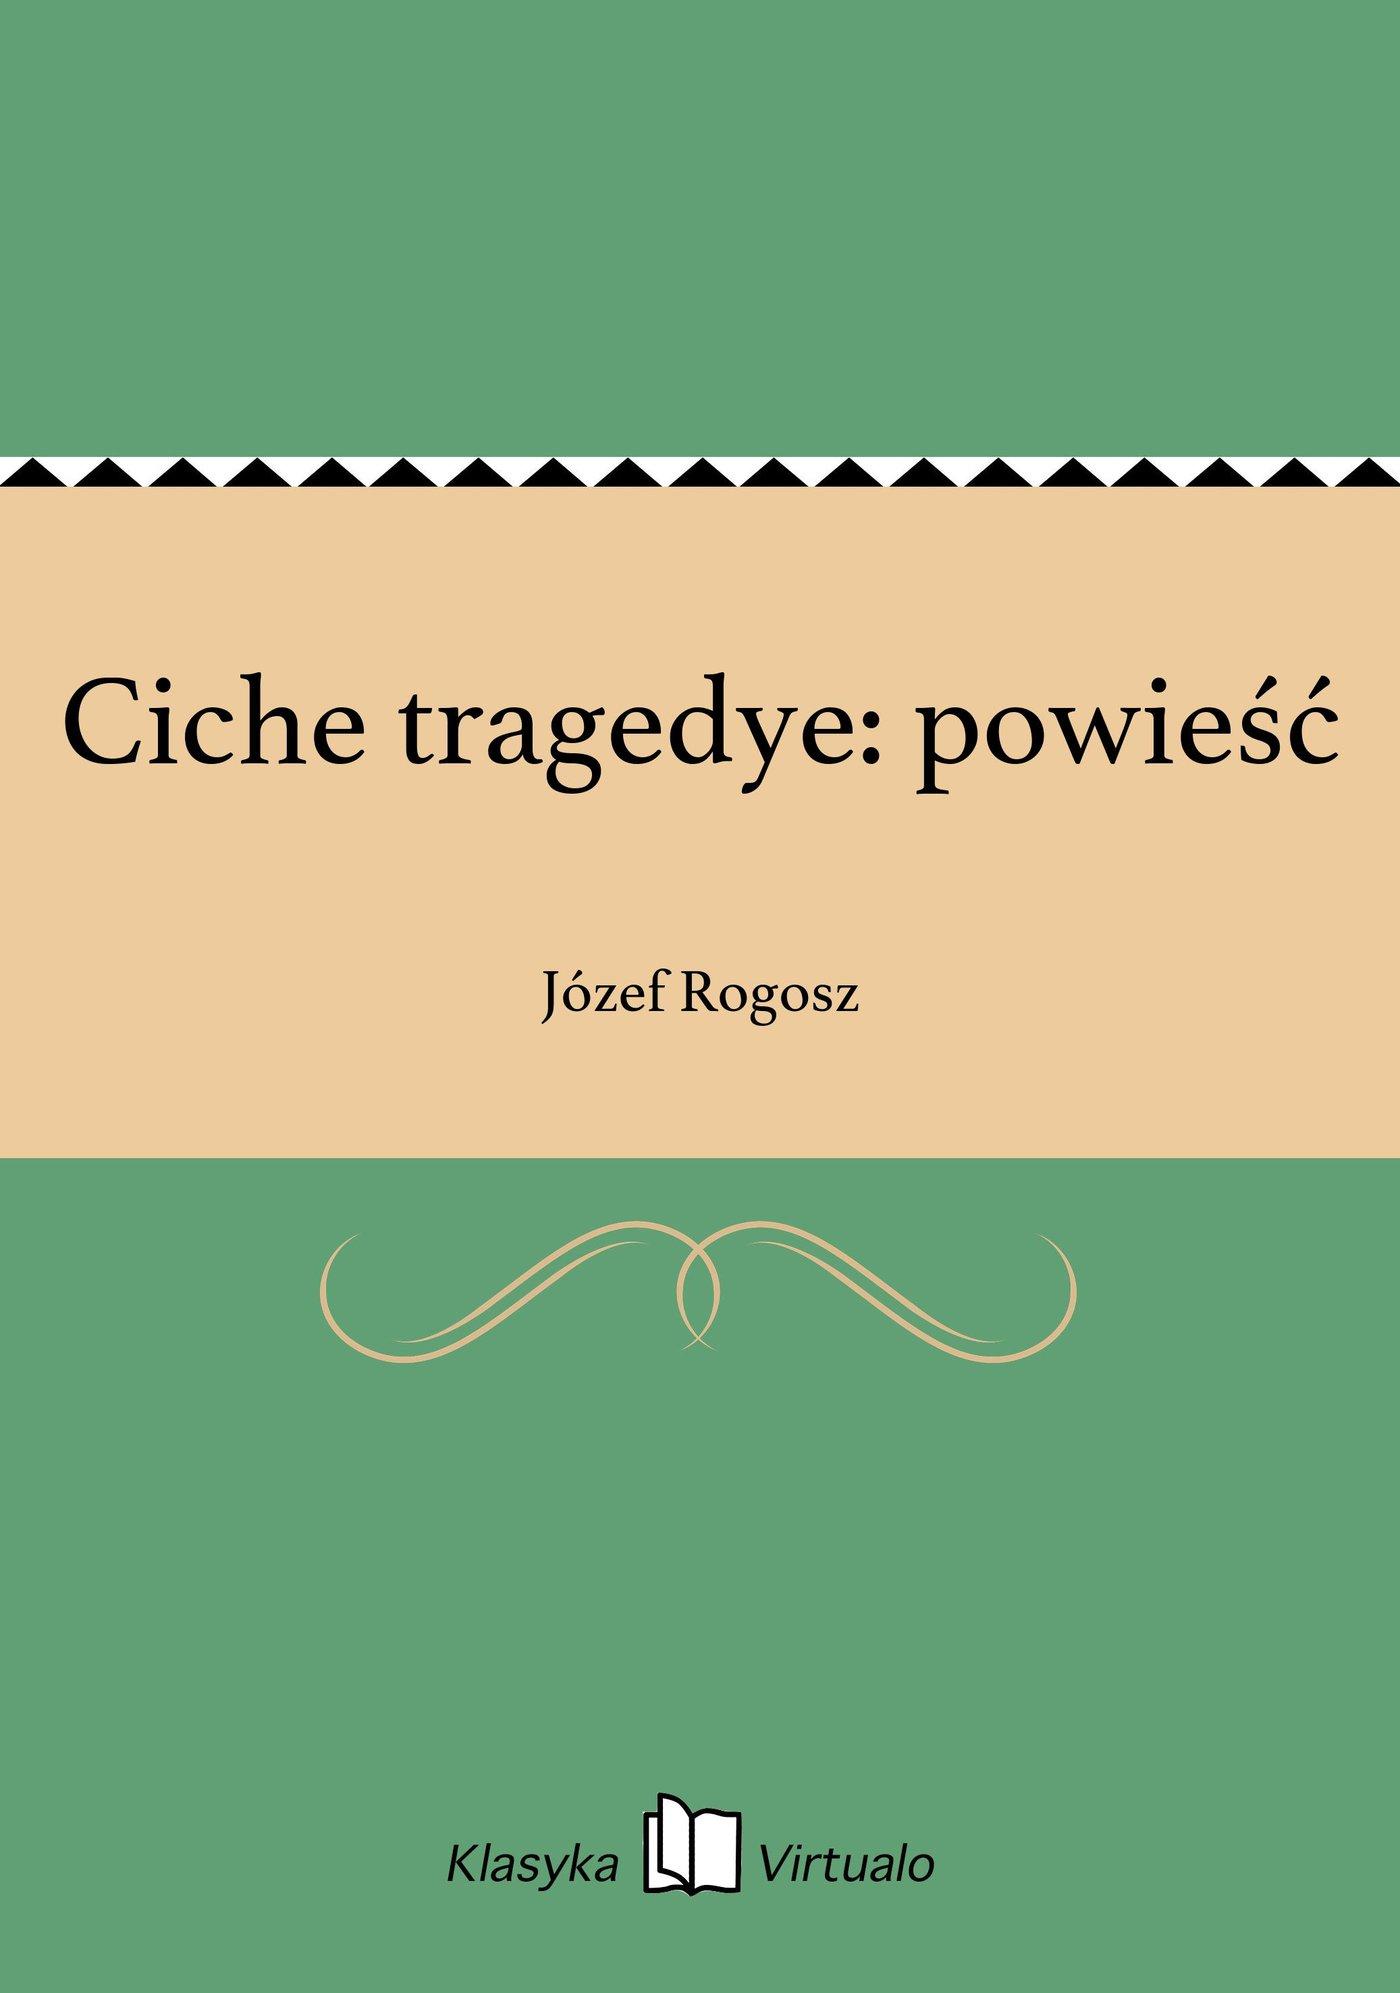 Ciche tragedye: powieść - Ebook (Książka EPUB) do pobrania w formacie EPUB